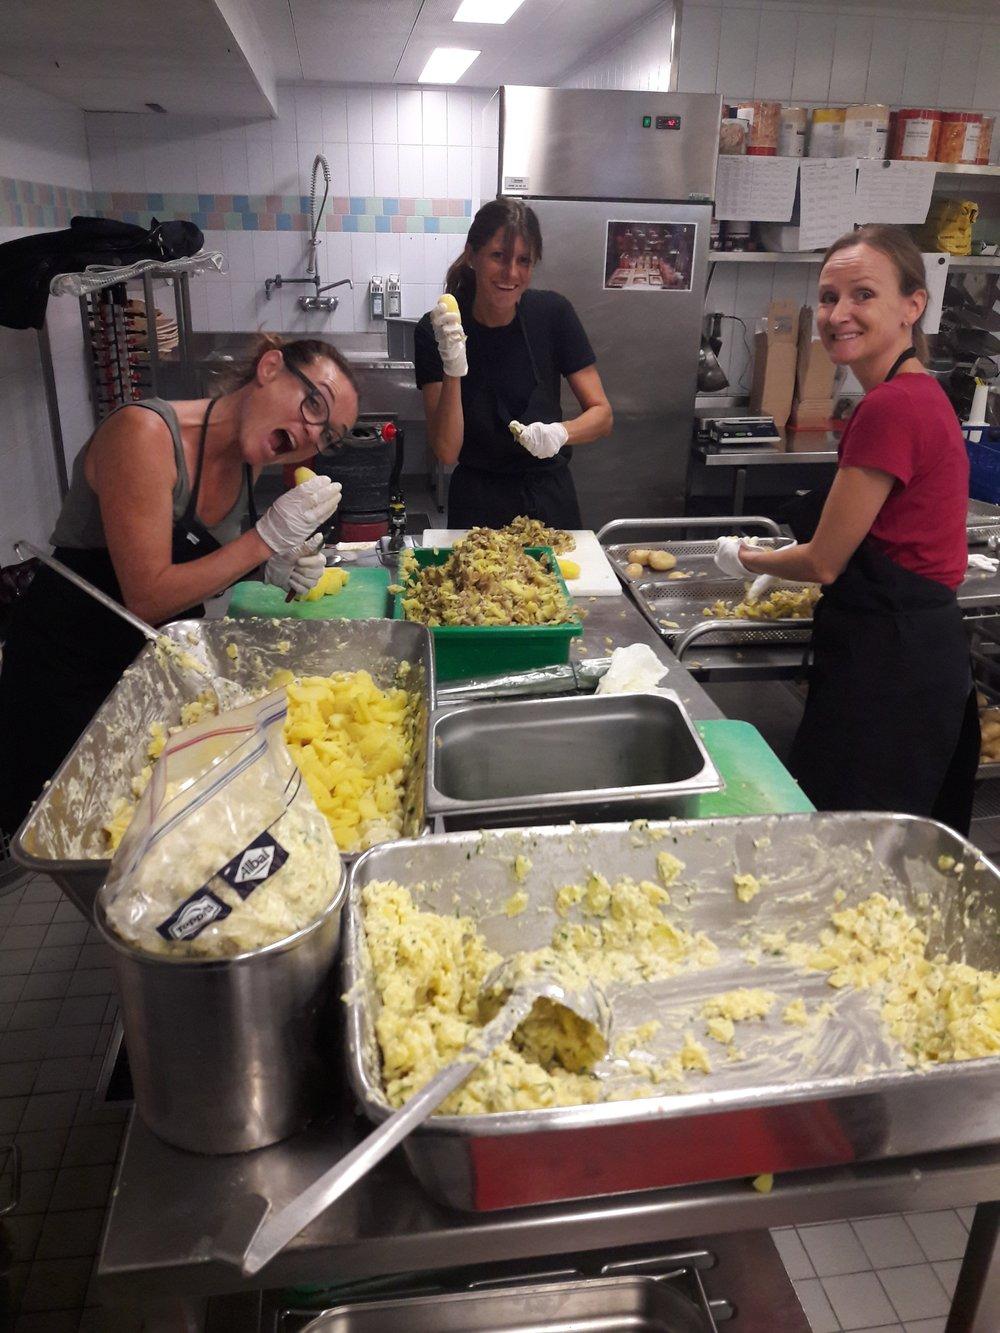 Kartoffelsalatköchinnen in Aktion.jpg